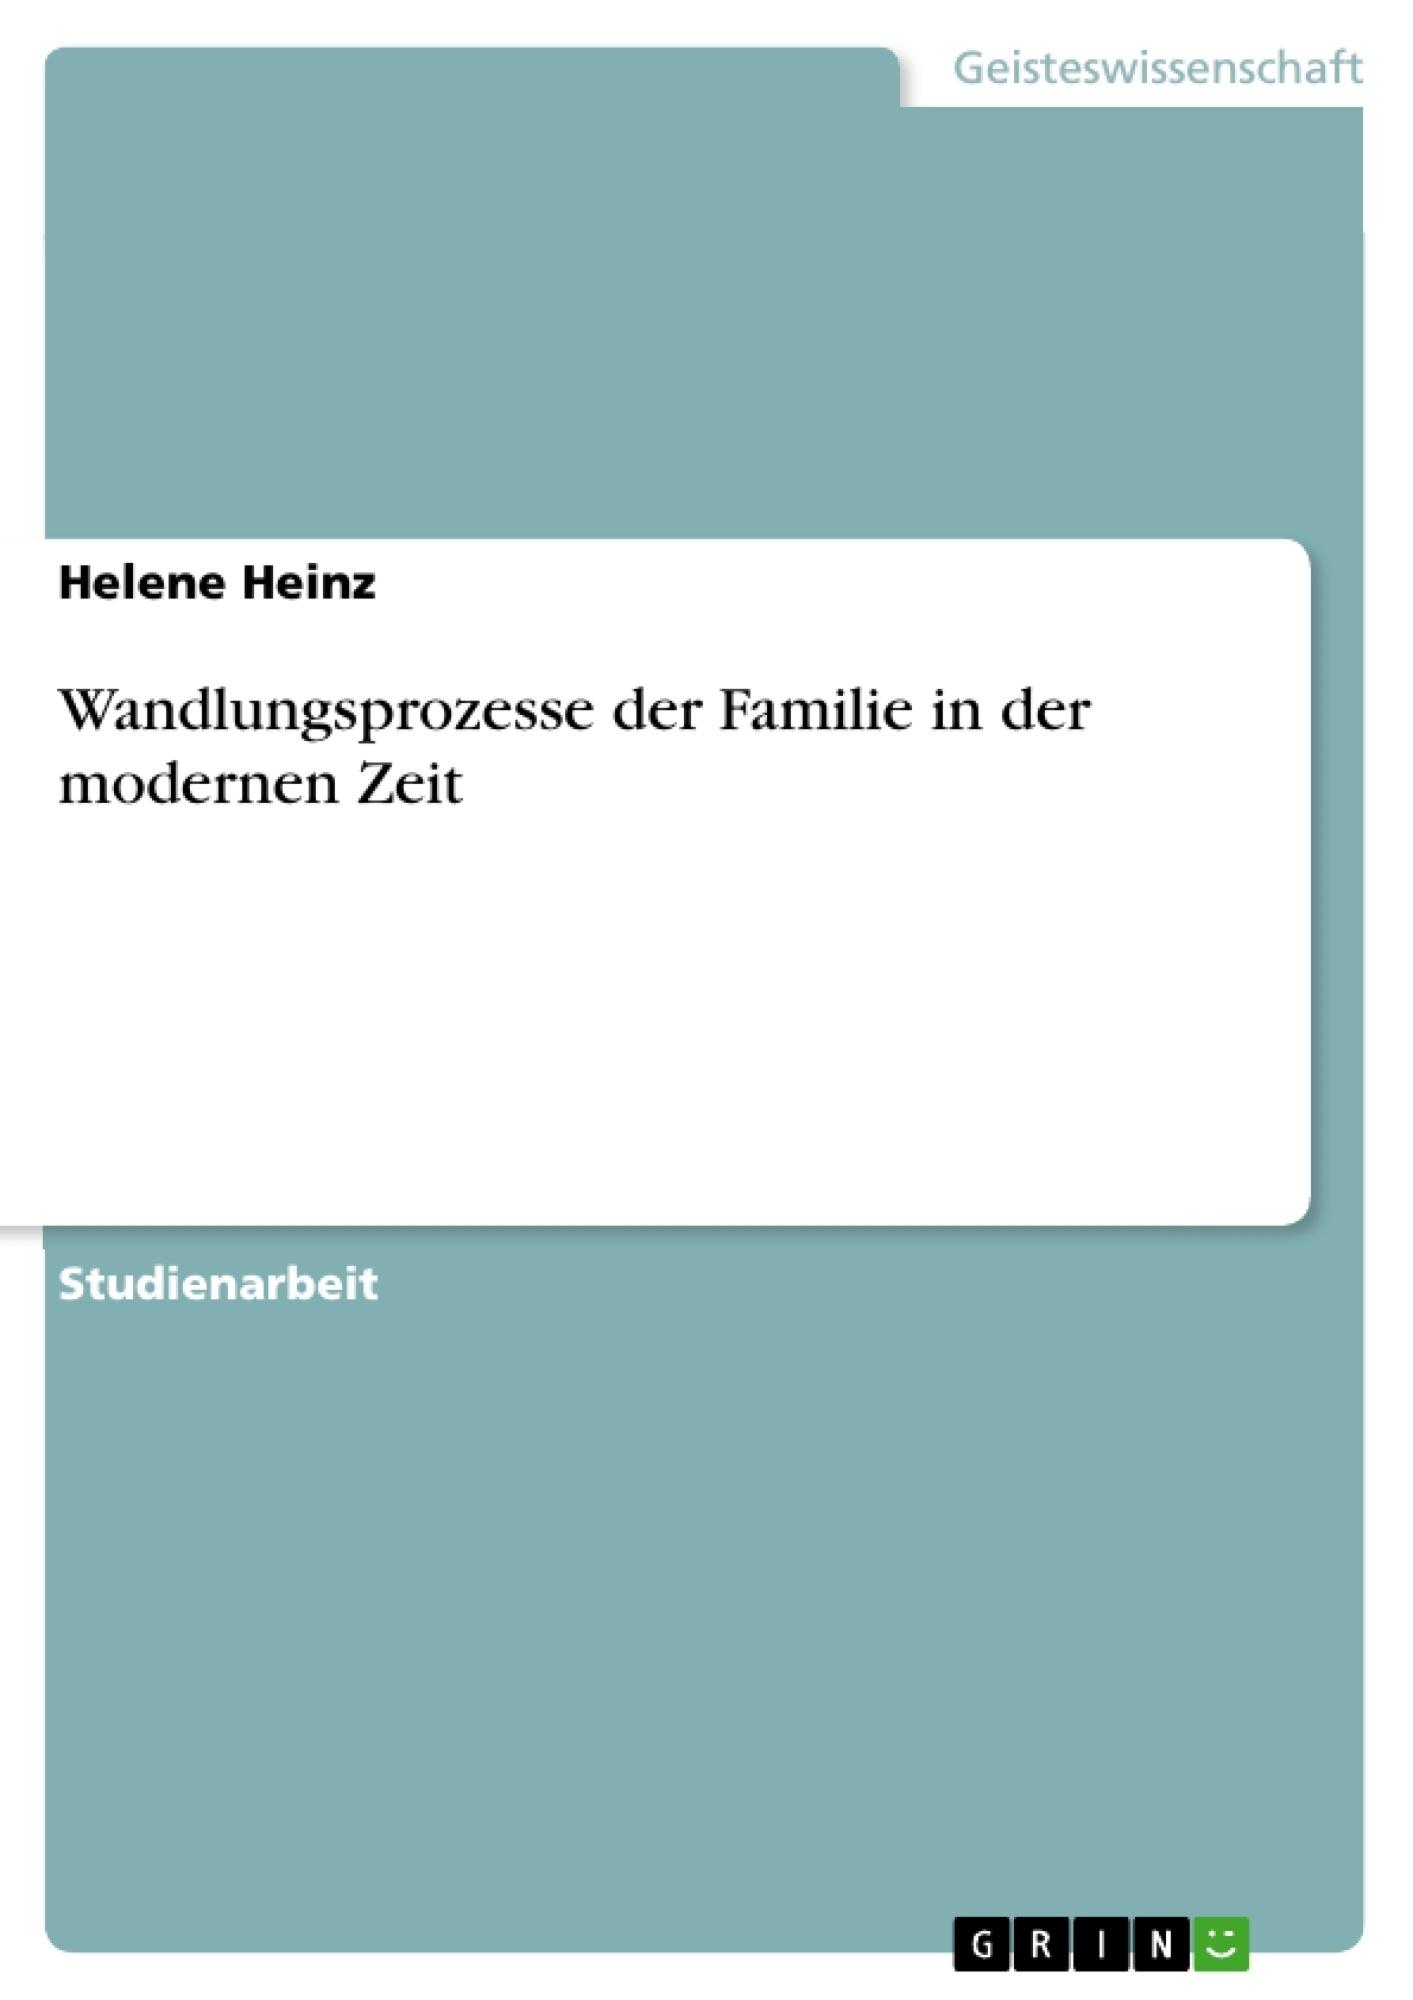 Titel: Wandlungsprozesse der Familie in der modernen Zeit